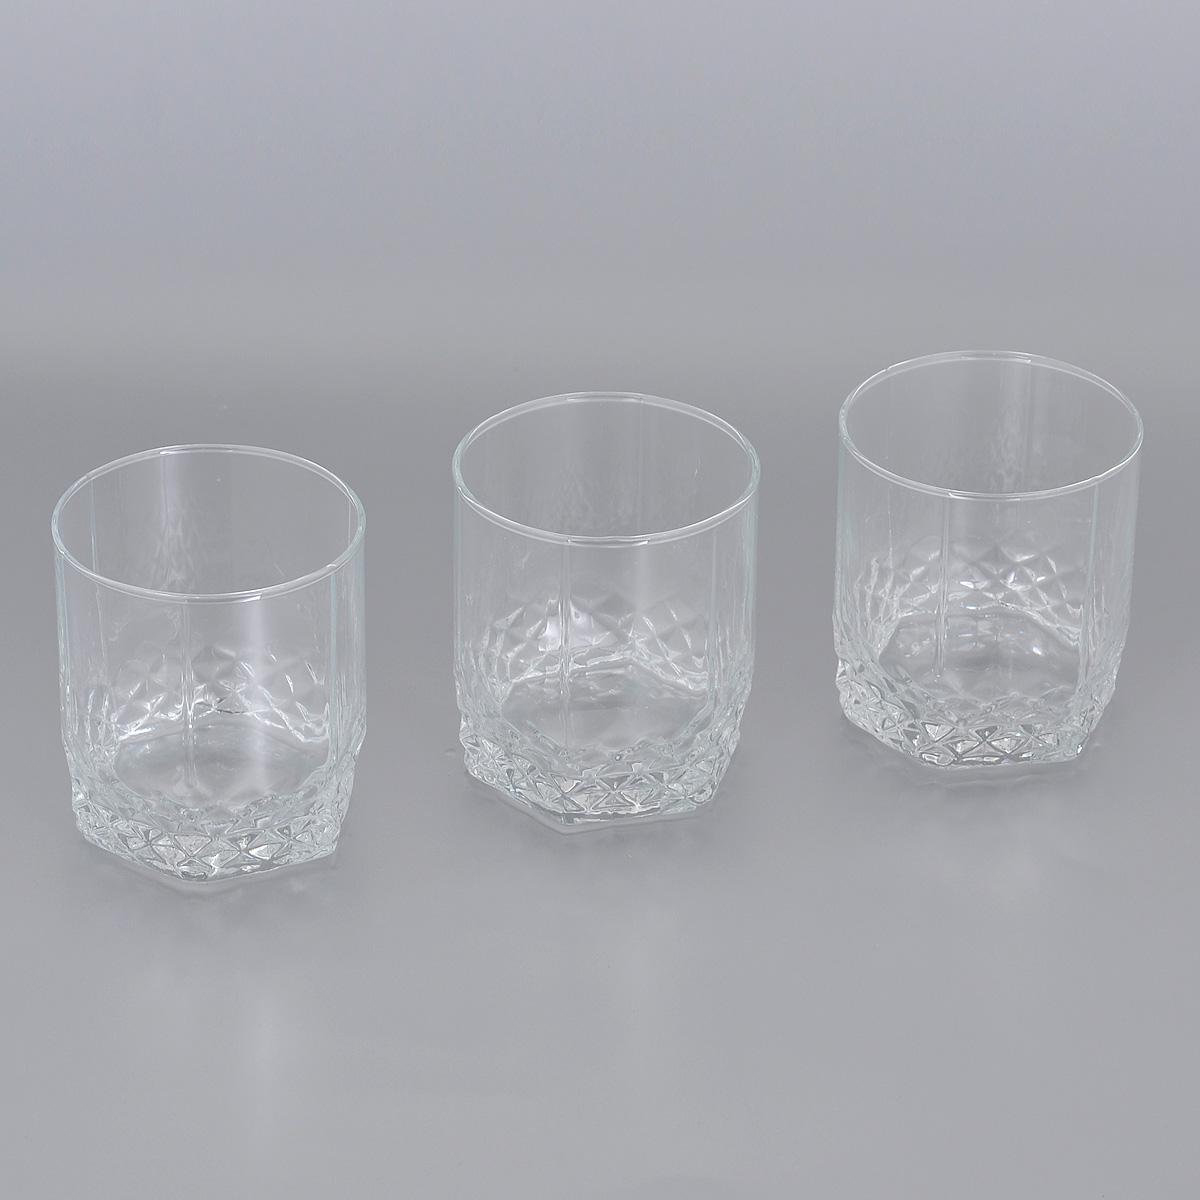 Набор стаканов для виски Pasabahce Valse, 330 мл, 3 шт42945GRBНабор Pasabahce Valser, выполненный из высококачественного стекла, состоит из трех стаканов. Высокие стаканы с утолщенным дном прекрасно подойдут для подачи виски. Эстетичность, функциональность и изящный дизайн сделают набор достойным дополнением к вашему кухонному инвентарю. Набор стаканов Pasabahce Valser украсит ваш стол и станет отличным подарком к любому празднику. Можно использовать в морозильной камере и микроволновой печи. Можно мыть в посудомоечной машине. Диаметр стакана по верхнему краю: 8 см. Высота стакана: 9,5 см.